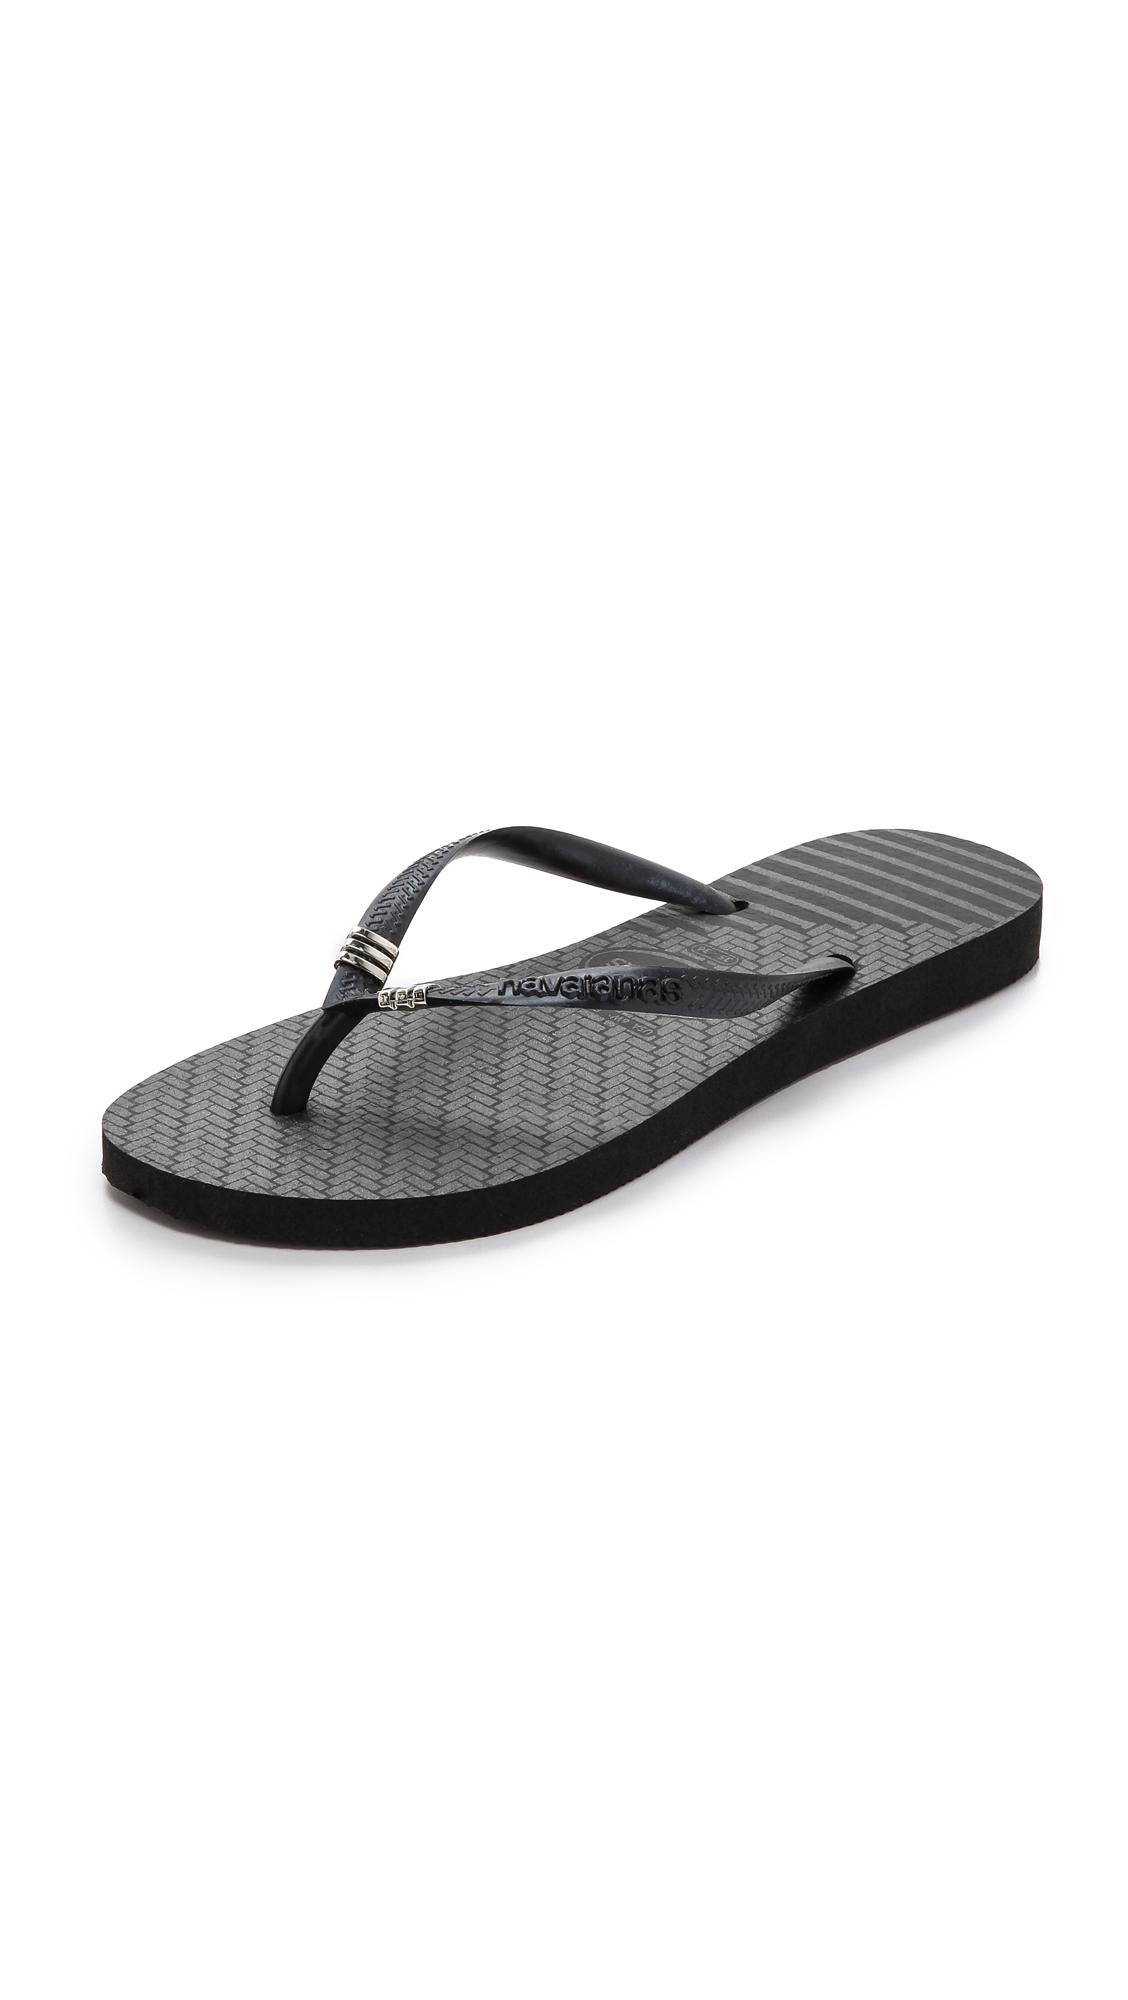 23de8872e Lyst - Havaianas Slim Tribal Flip Flops - Black in Black